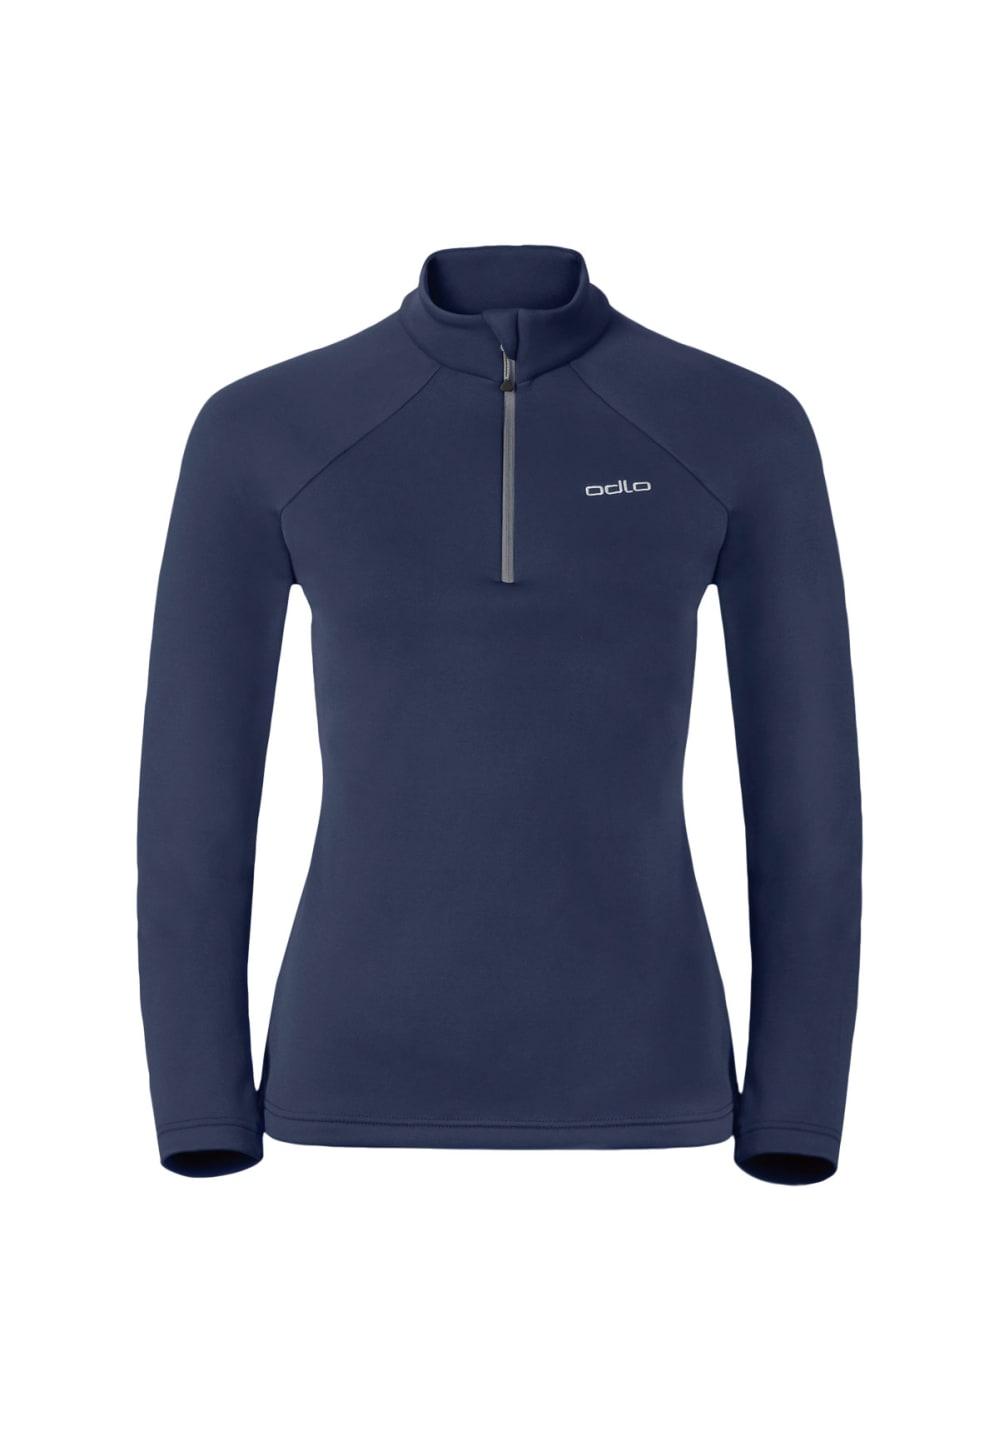 Odlo Midlayer 1/2 Zip Snowbird - Laufshirts für Damen - Blau, Gr. XL